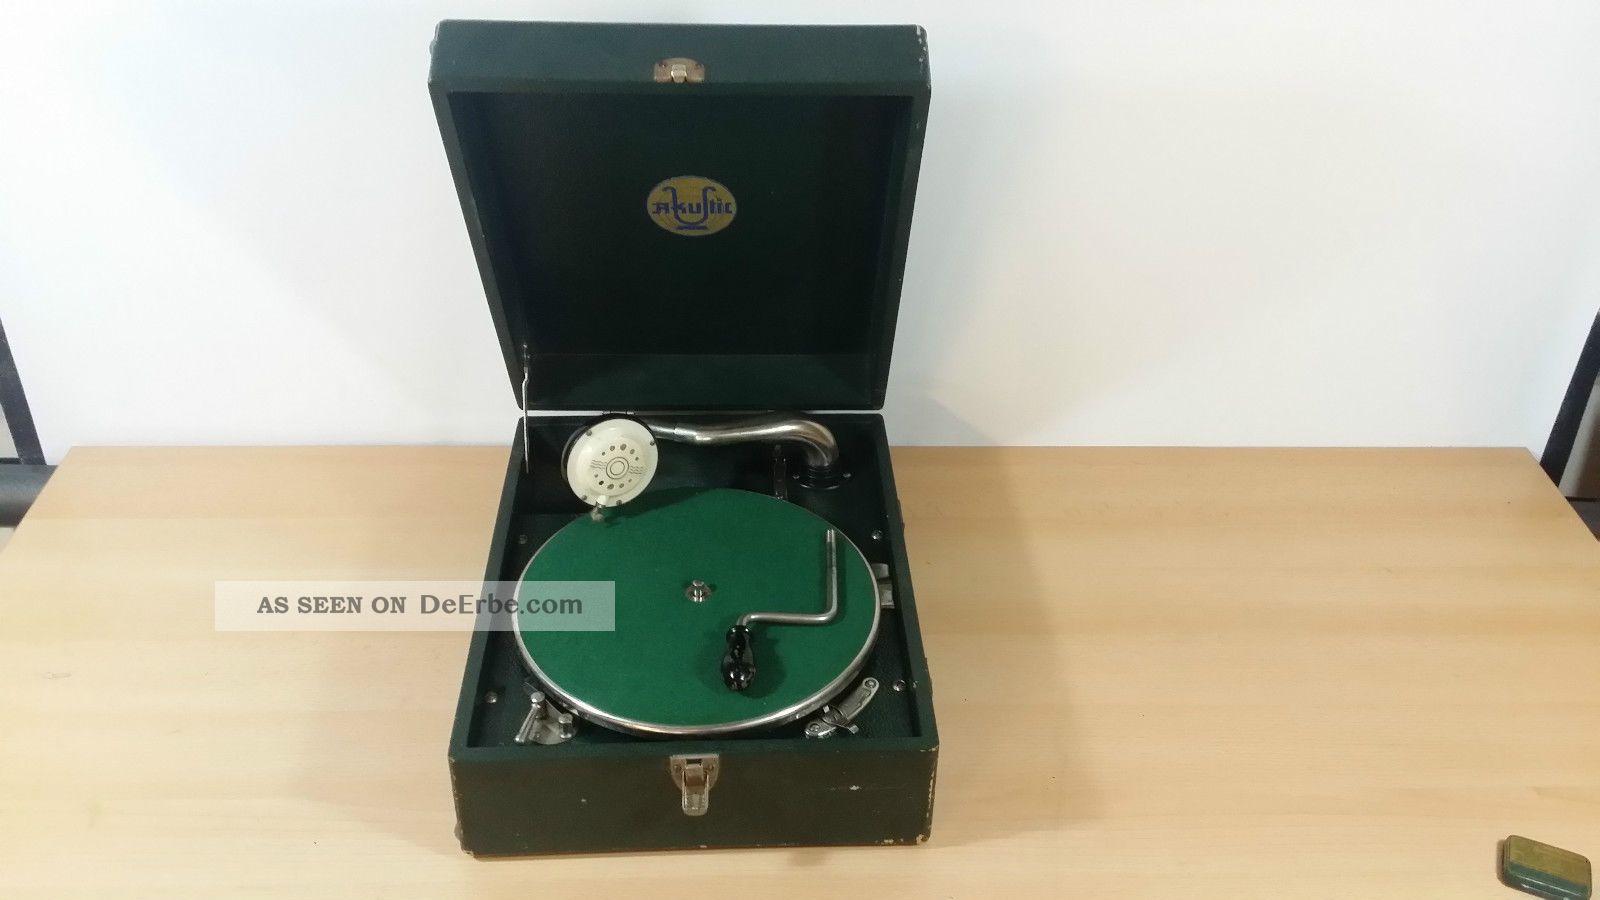 Koffer Grammofon Akustic Mechanische Musik Bild